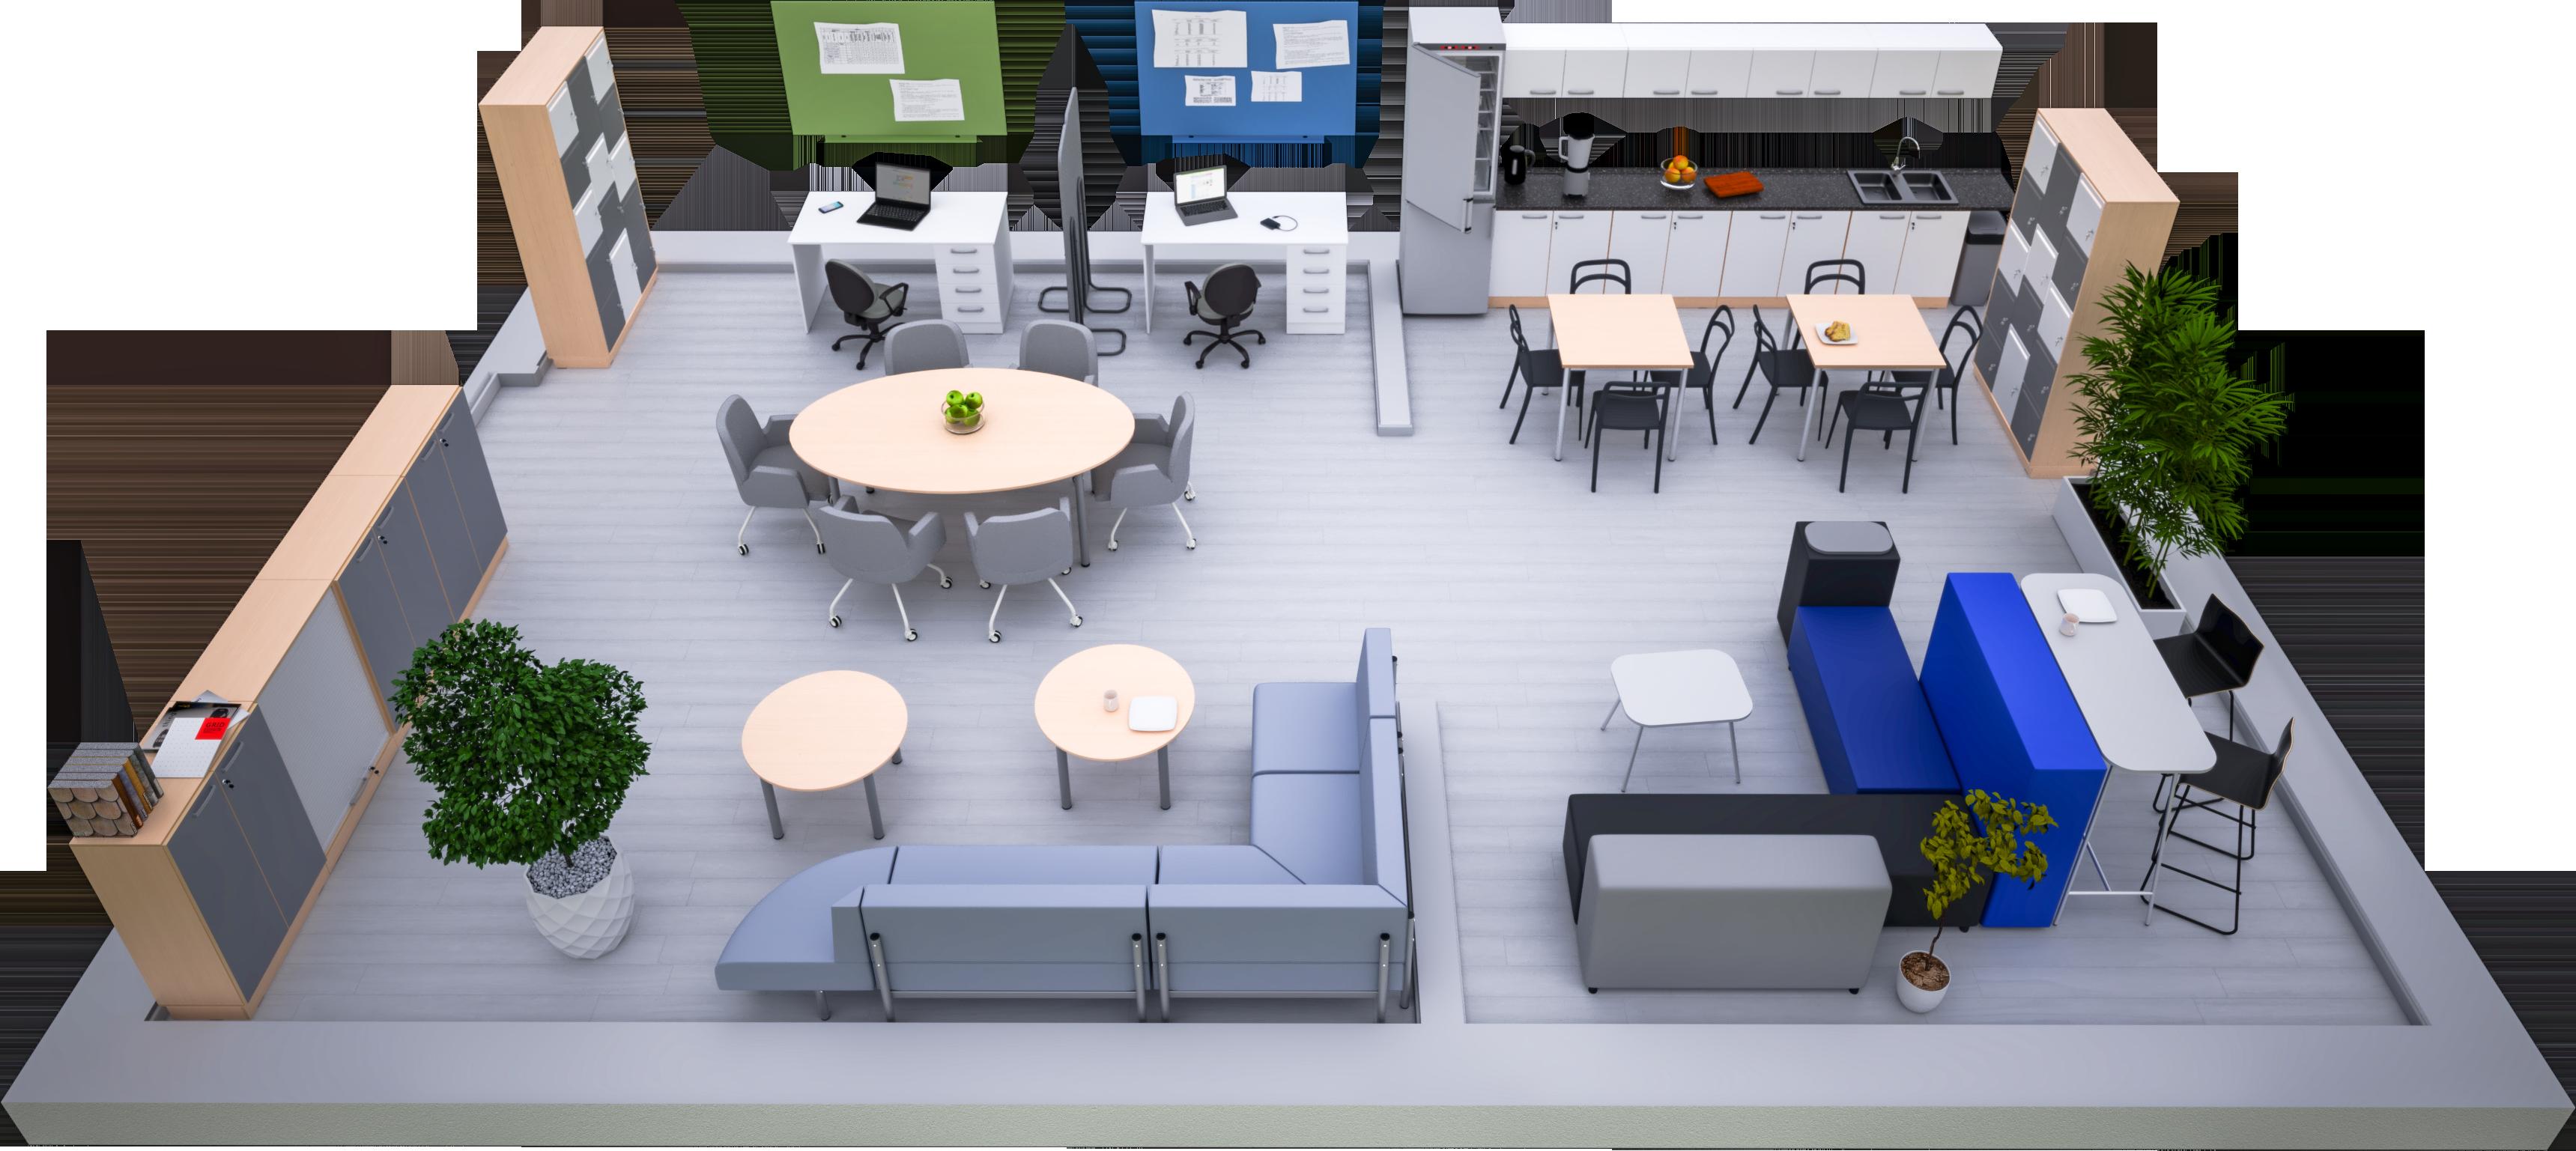 Gabinety i pomieszczenia administracyjne wyposażone w meble Grande